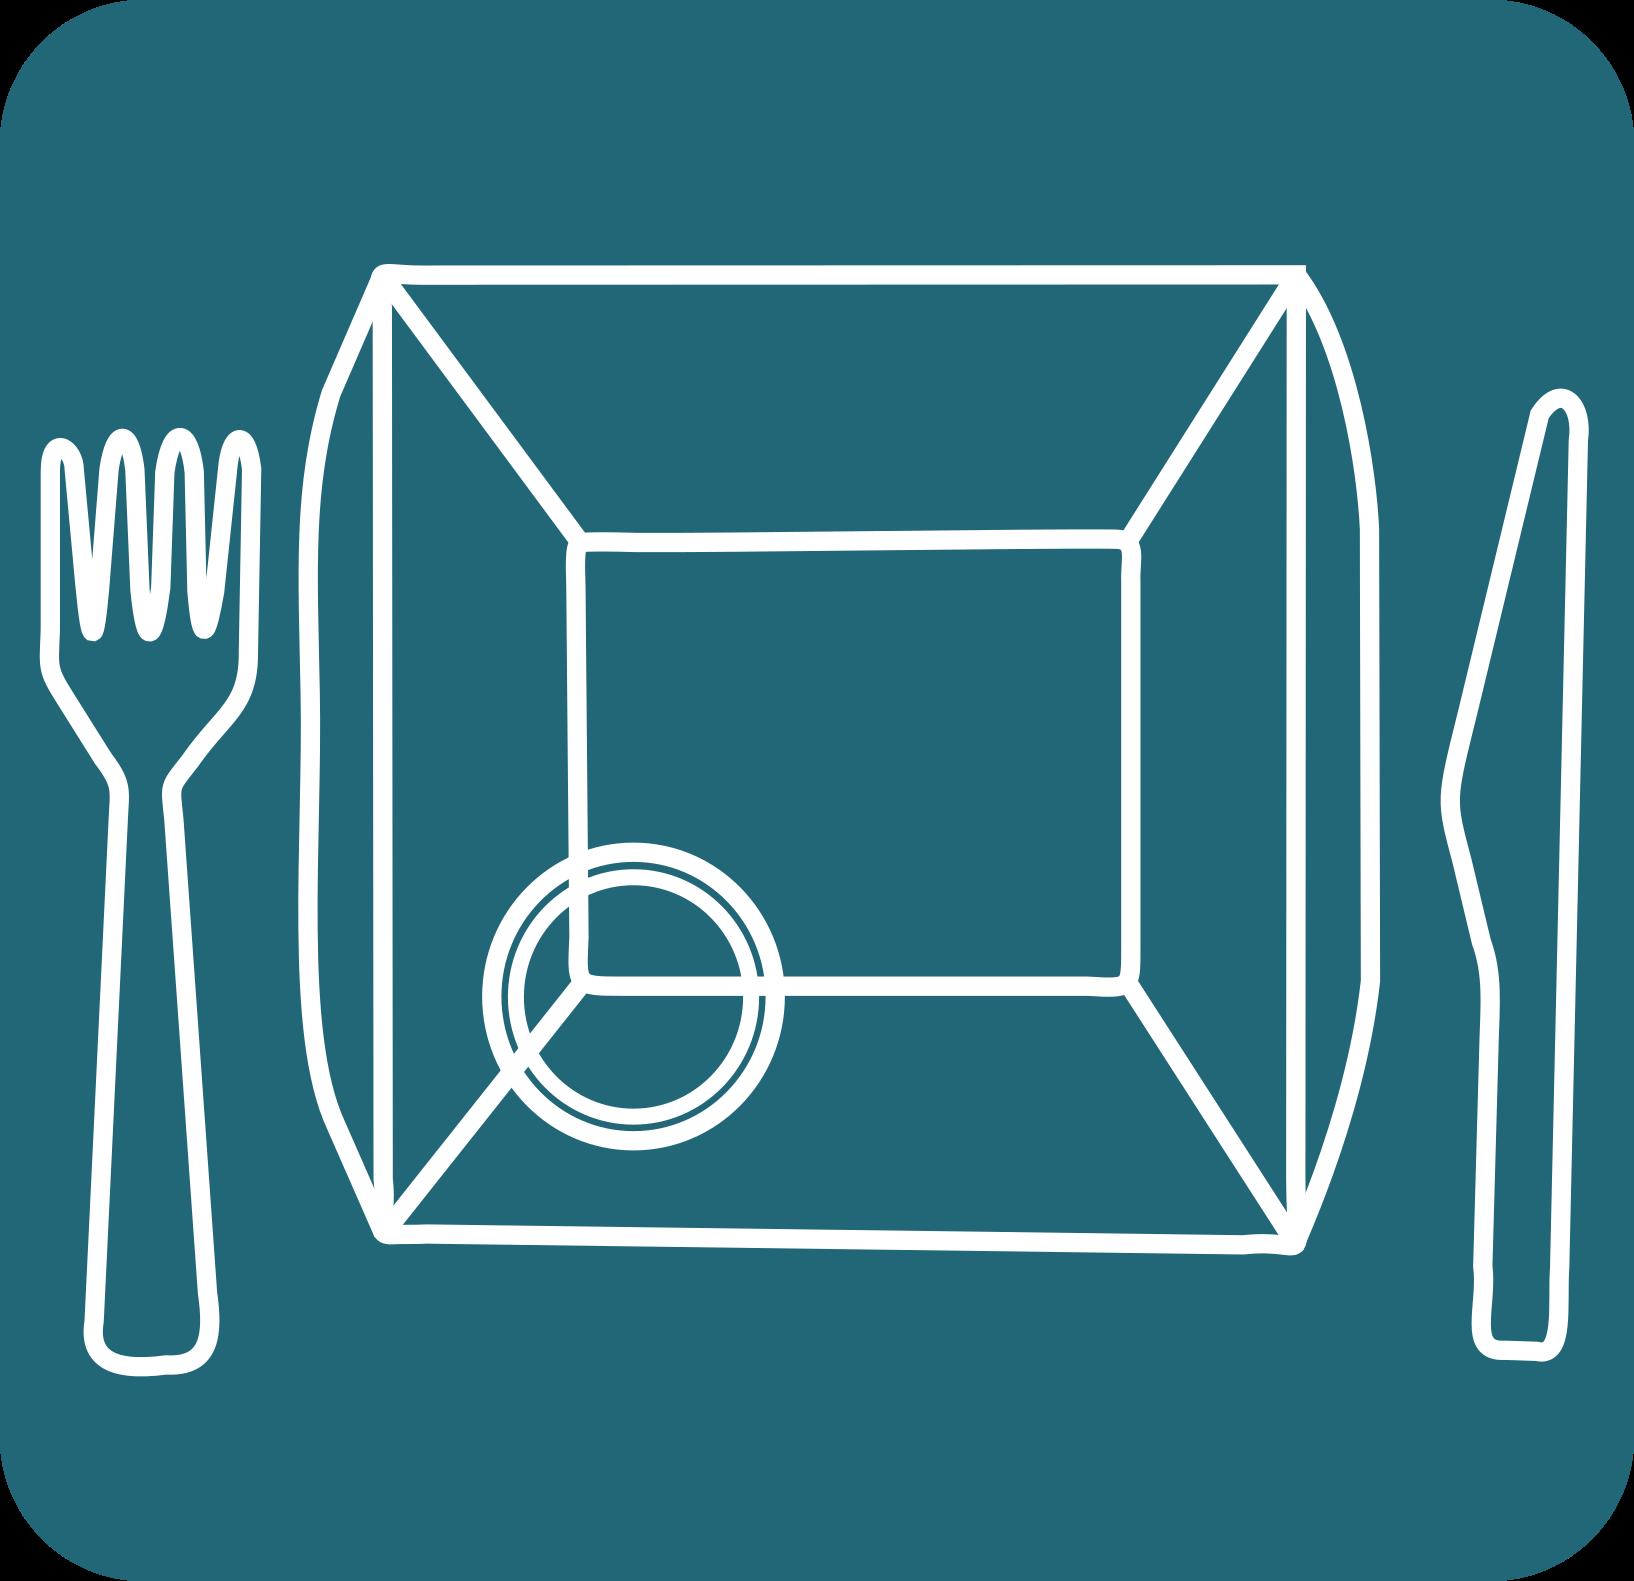 icona d'un plat i cobert